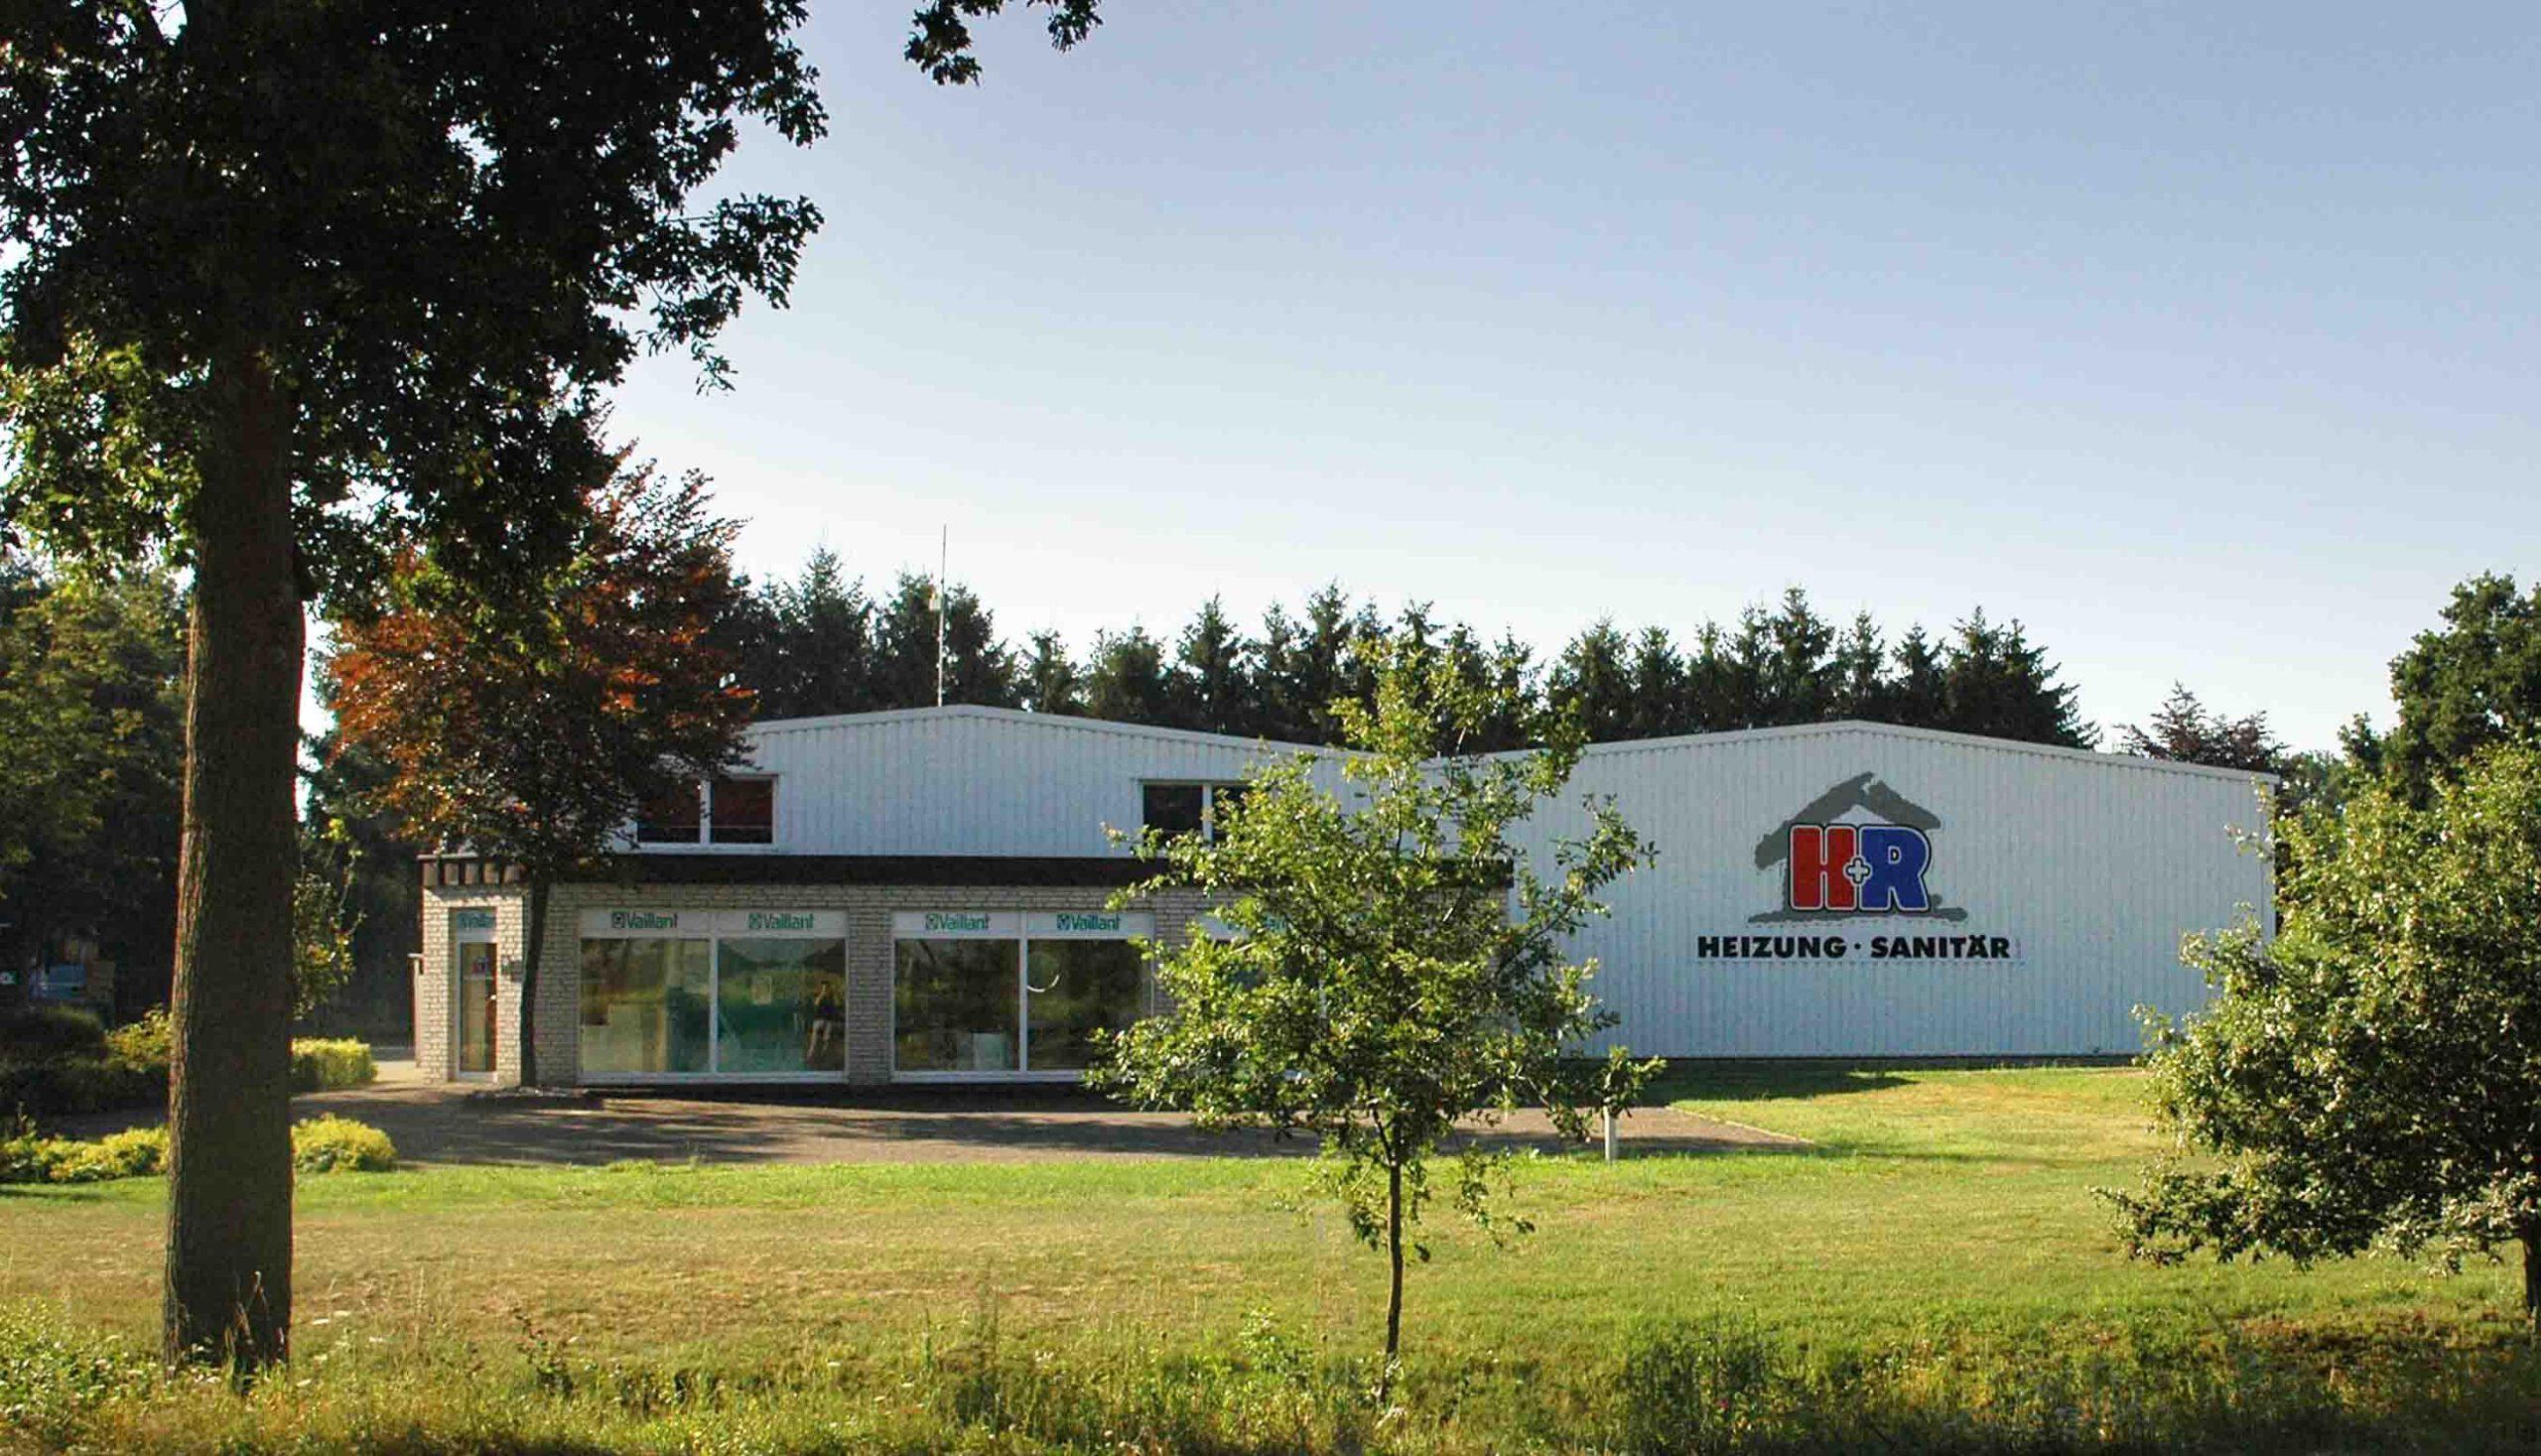 H+R Geschäft und Halle von der Bundesstraße aus gesehen